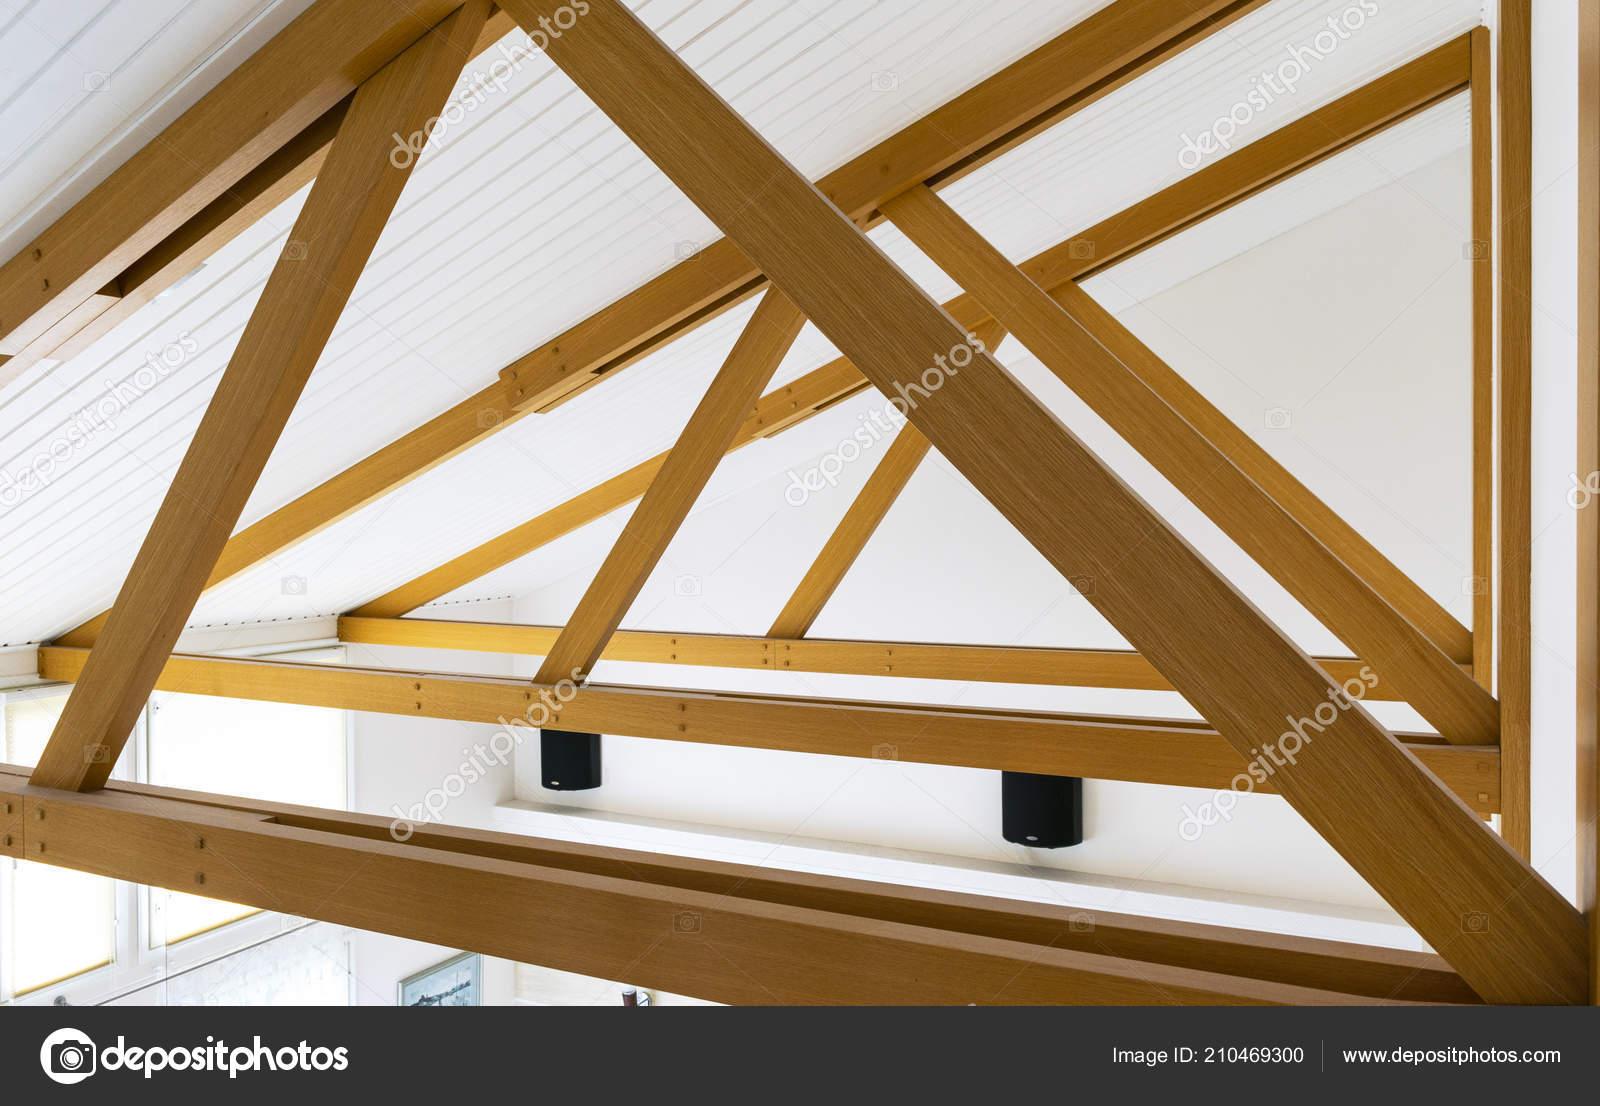 Moderne Holzbalken Decke Und Leuchten Den Eichenholzplatten Eingebettet Hallendeckenkonstruktion Innenraum Stockfoto C Bigtunaonline 210469300